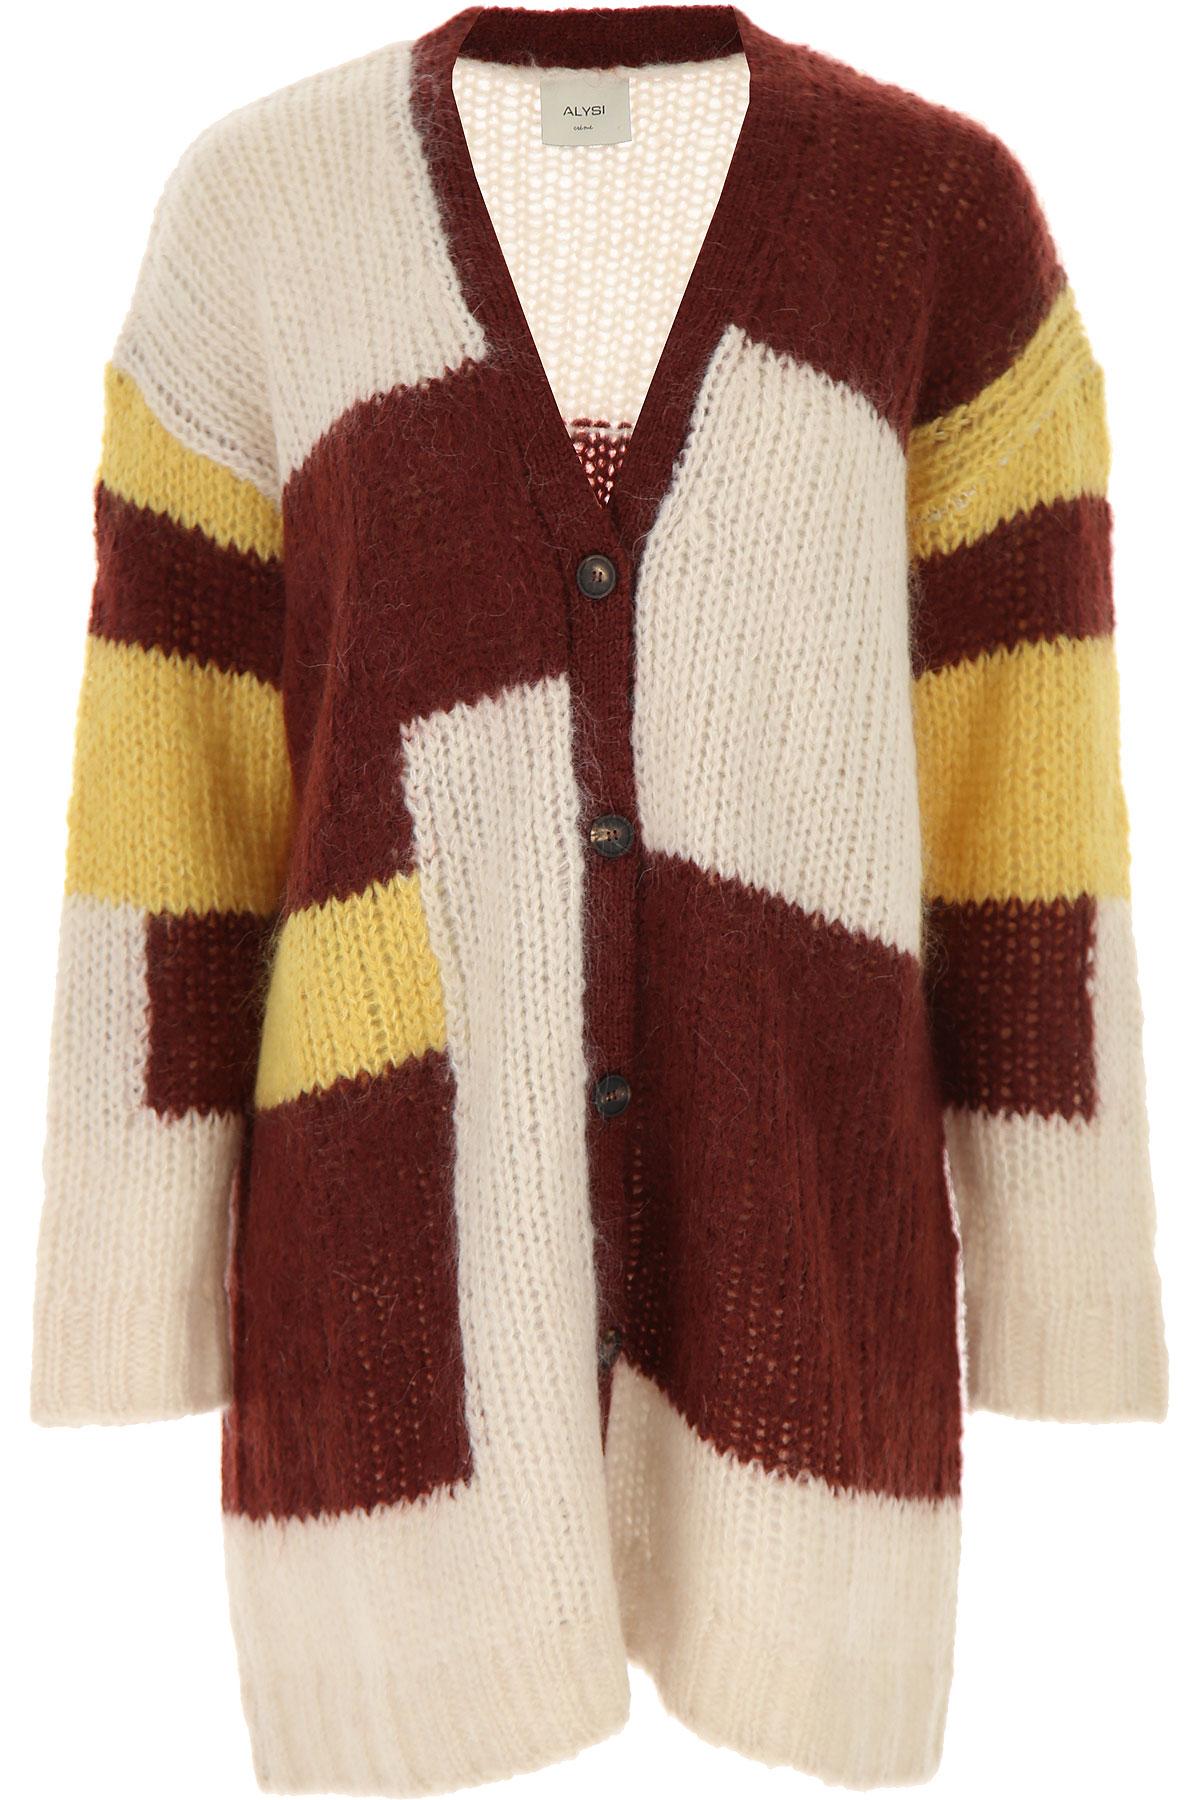 ALYSI Sweater for Women Jumper On Sale, Bordeaux, Wool, 2019, 2 4